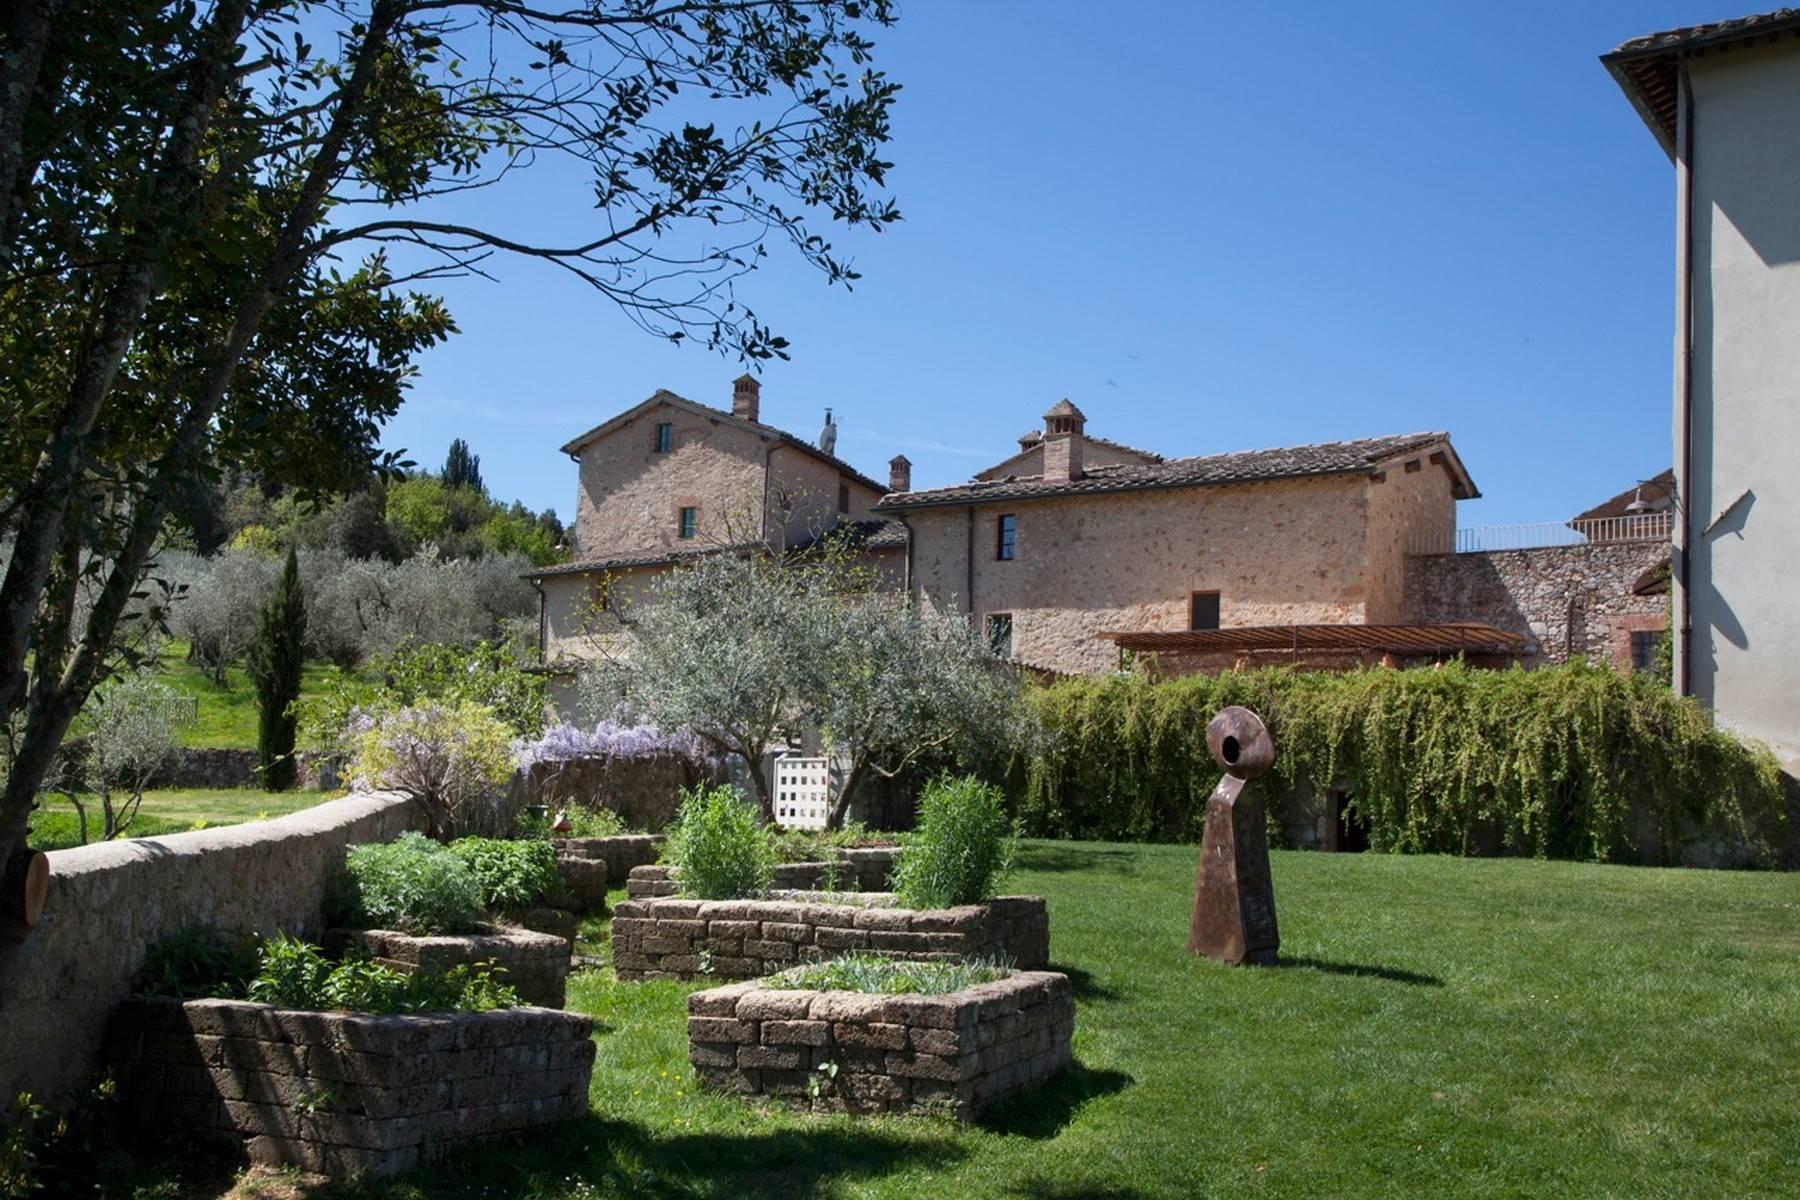 Restaurierte Burg auf den Hügeln von Siena - 3